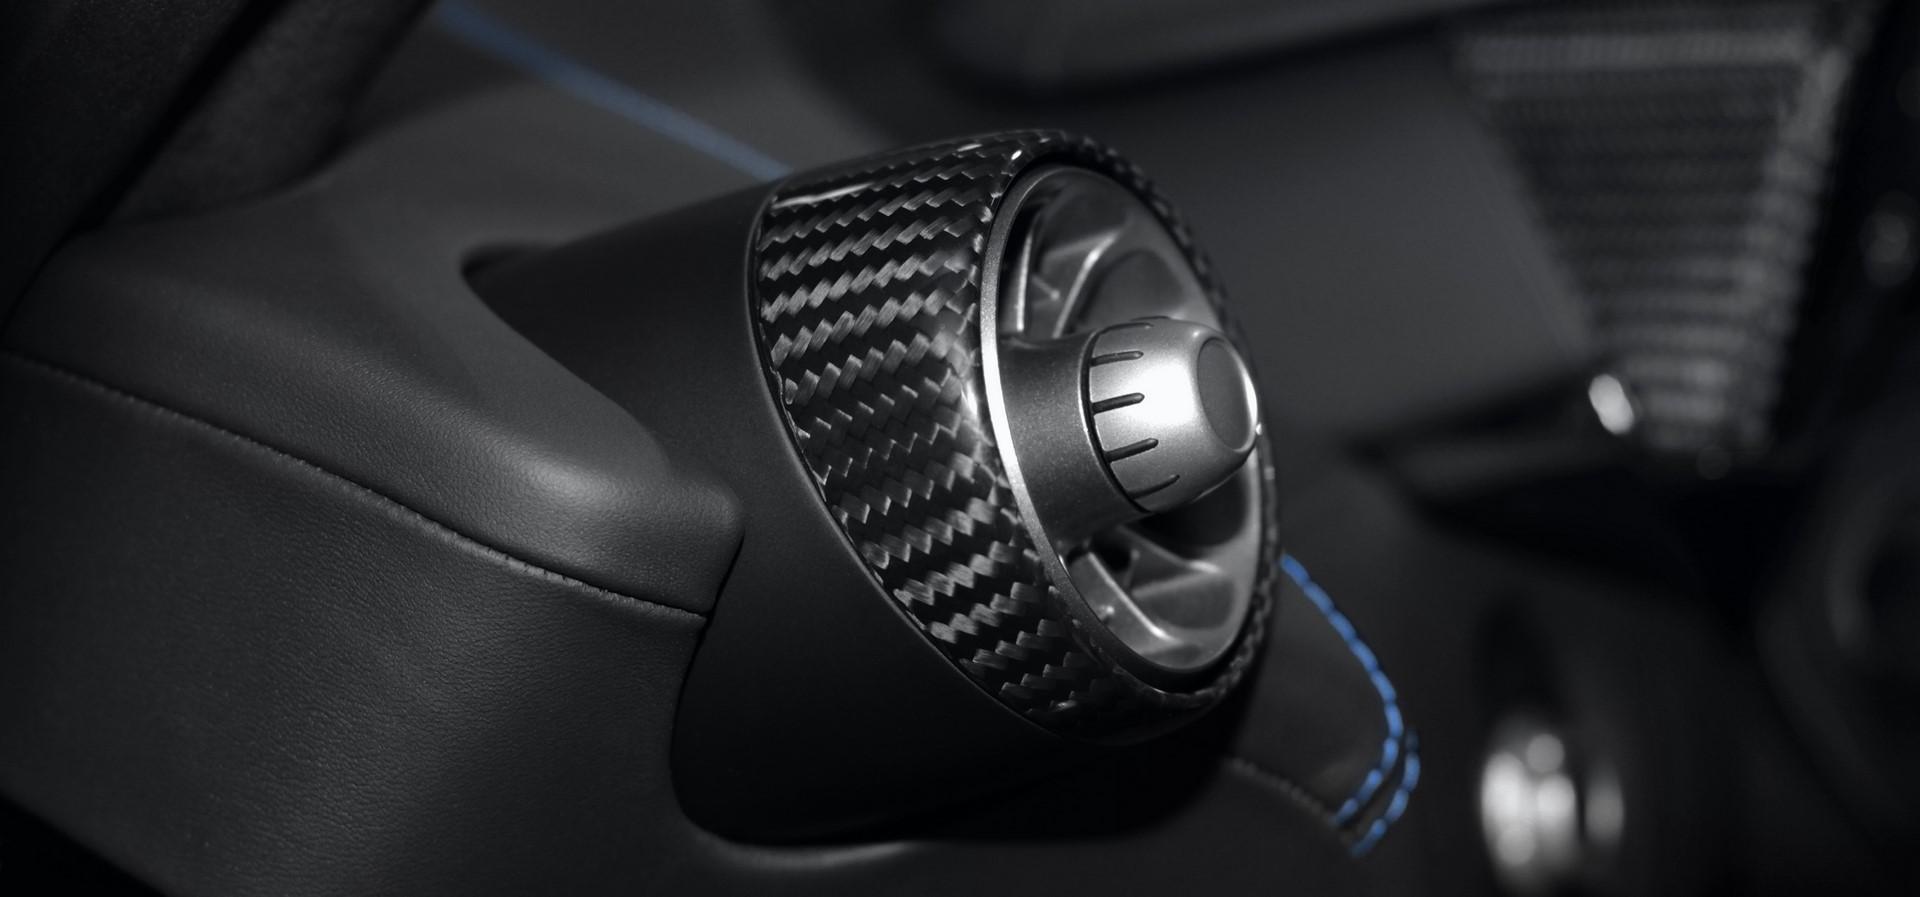 McLaren MSO Defined Options (6)